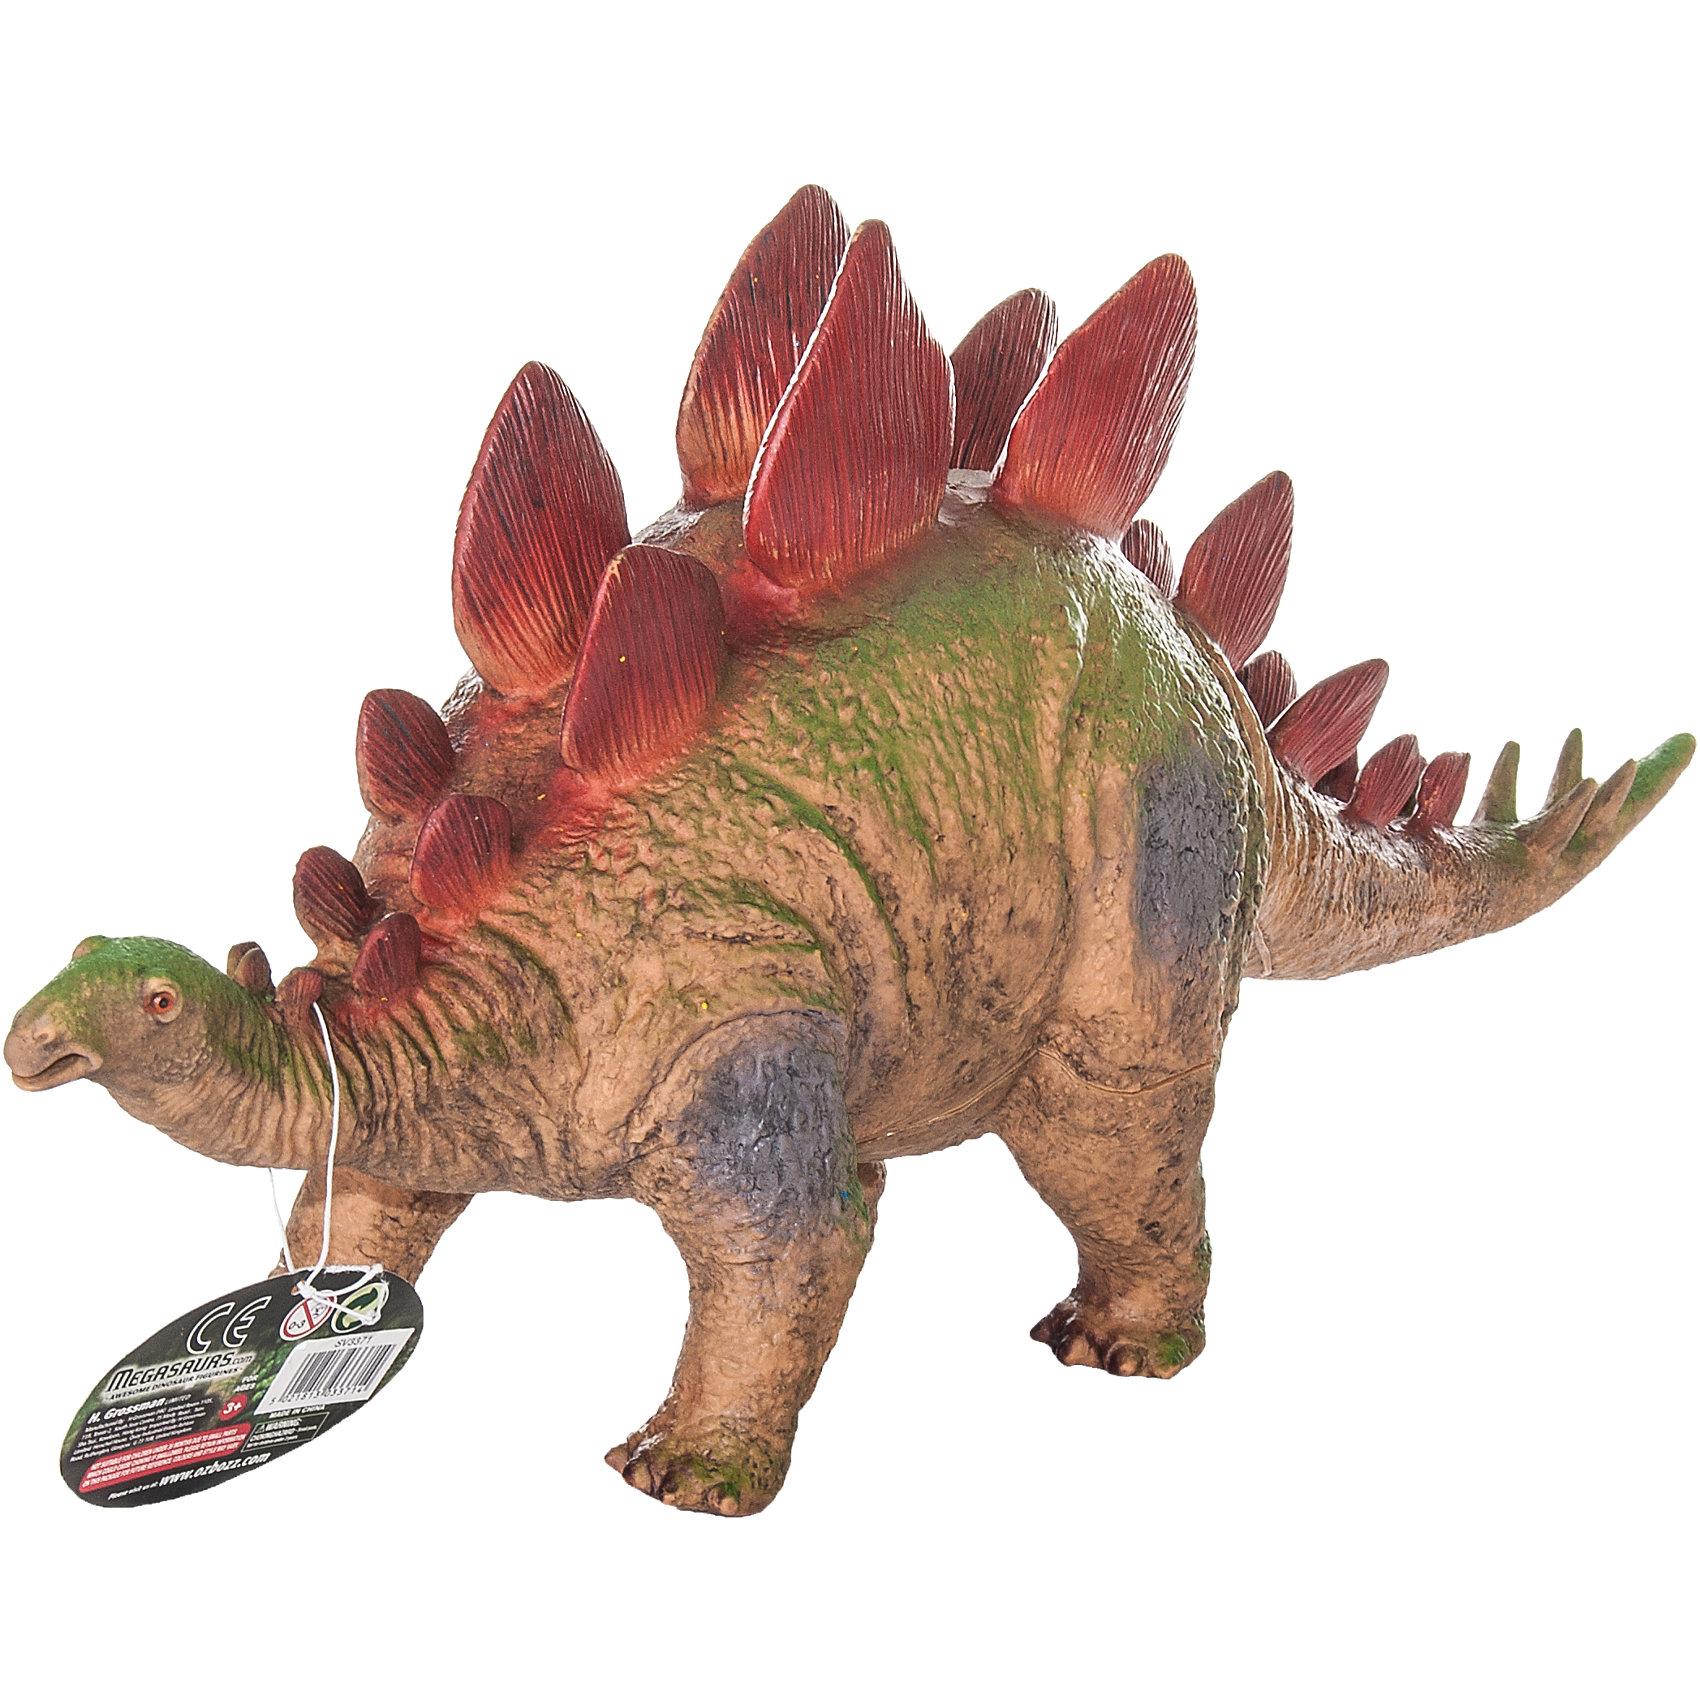 Фигурка динозавра Стегозавр, HGLДраконы и динозавры<br>Детей всех возрастов привлекают фильмы и рассказы о доисторических временах и чудесных динозаврах, населявших Землю до возникновения человека. Подстегните фантазию юного любителя древностей - подарите ему динозавра из серии игрушек HGL. Специалисты компании создавали игрушки максимально похожими на своих прародителей, поэтому динозавры HGL такие интересные. Стегозавр - фигурка травоядного доисторического ящера огромных размеров. Он достигал 9 метров в длину и 4 метров в высоту. Стегозавр передвигался на четырех лапах, а спина его была покрыта массивными костными отростками, которые делали его еще крупнее и устрашали хищников. Ни одна история об эре динозавров невозможна без этого необычного динозавра. Ребенок будет в восторге от такого замечательного подарка. Массивный динозавр сделан из мягкого ПВХ безопасного для детей. Внушительные размеры и отличная детализация Стегозавра помогут ребенку окунуться в далекий и такой манящий доисторический мир, полный приключений.<br><br>Дополнительная информация:<br><br>- Внешний вид фигурки основан на реальных данных палеонтологов;<br>- Материал: ПВХ;<br>- Размер фигурки: 40 см;<br>- Размер упаковки: 45 х 17,5 х 15 см;<br>- Вес: 750 г<br><br>Фигурку динозавра Стегозавр, HGL можно купить в нашем интернет-магазине.<br><br>Ширина мм: 450<br>Глубина мм: 175<br>Высота мм: 150<br>Вес г: 750<br>Возраст от месяцев: 36<br>Возраст до месяцев: 192<br>Пол: Унисекс<br>Возраст: Детский<br>SKU: 4135948